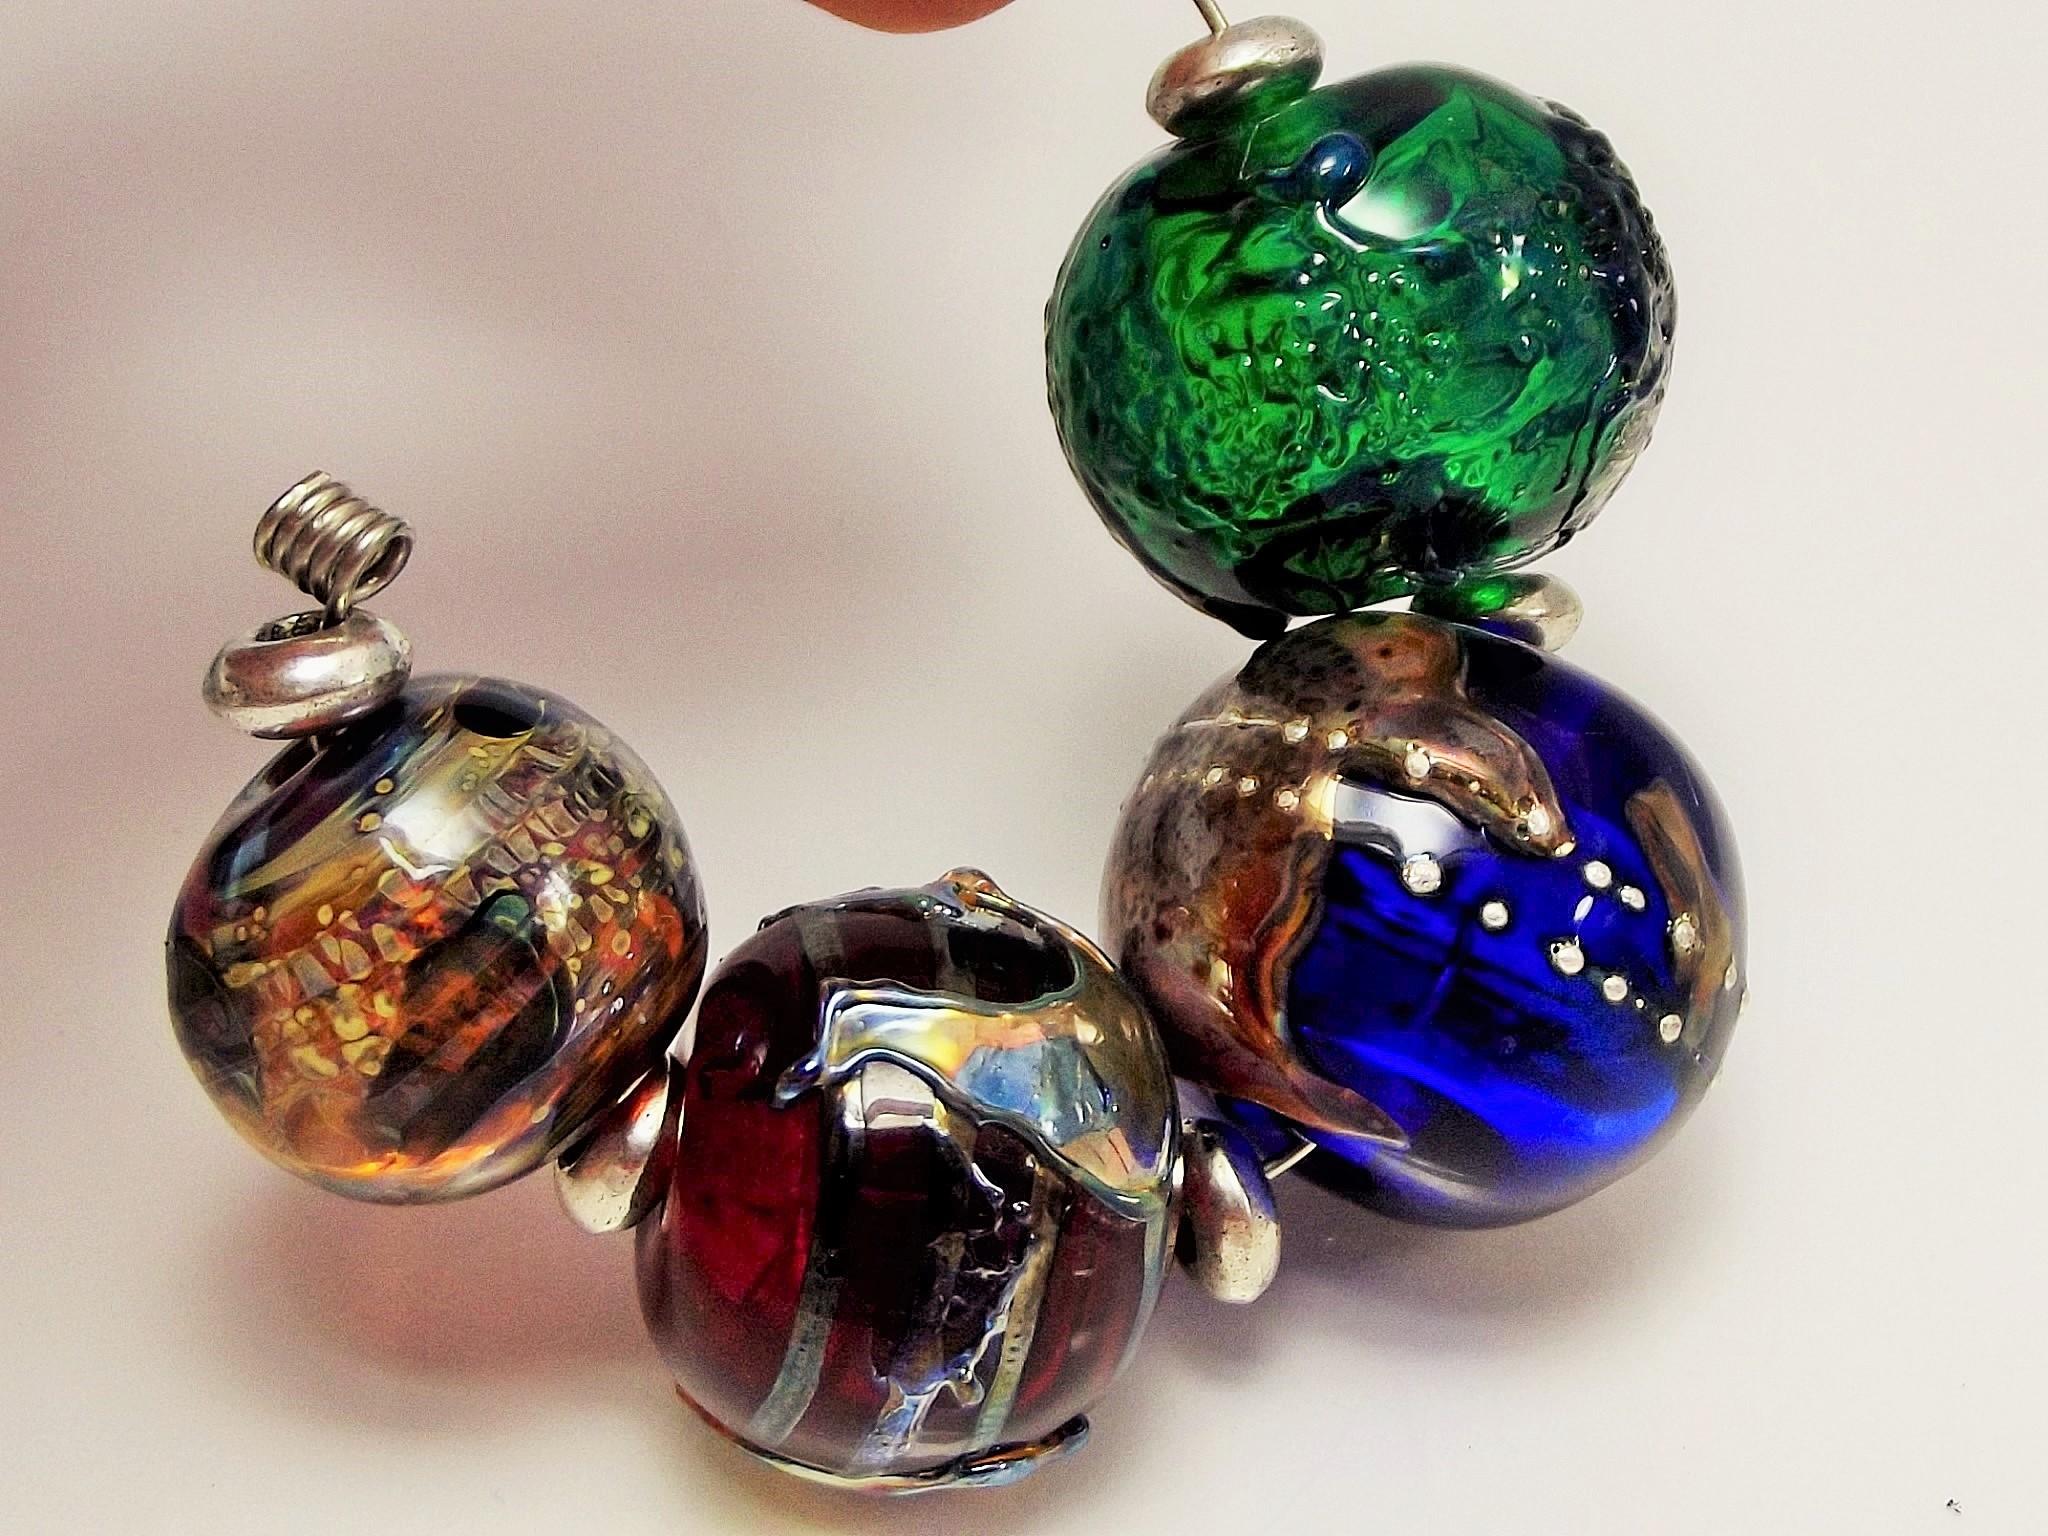 FireBalls Jewel Tones (3)